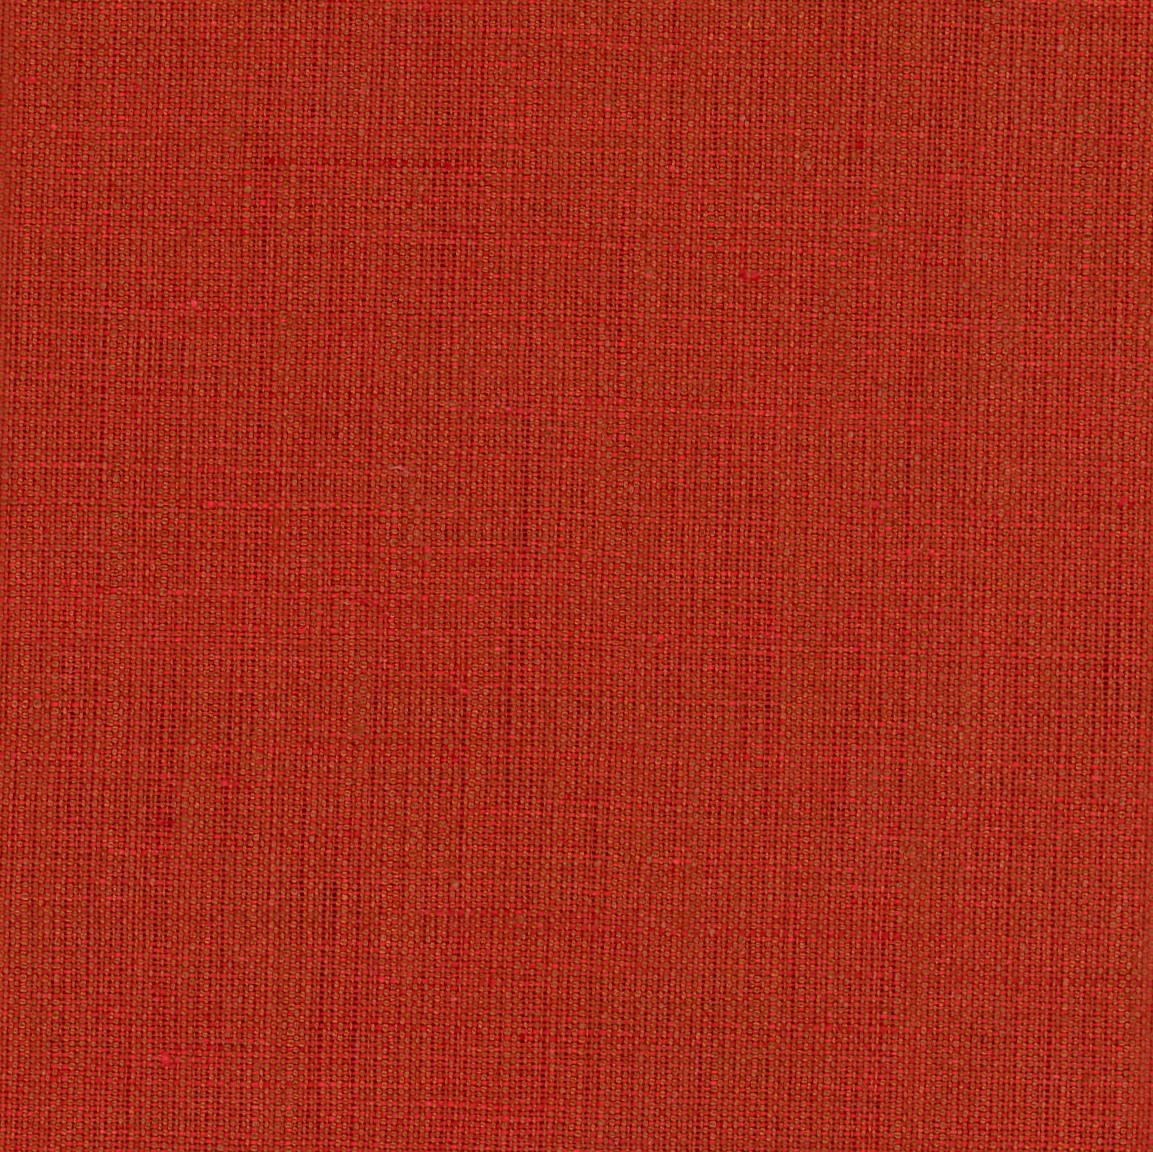 CERRO Brick/Red